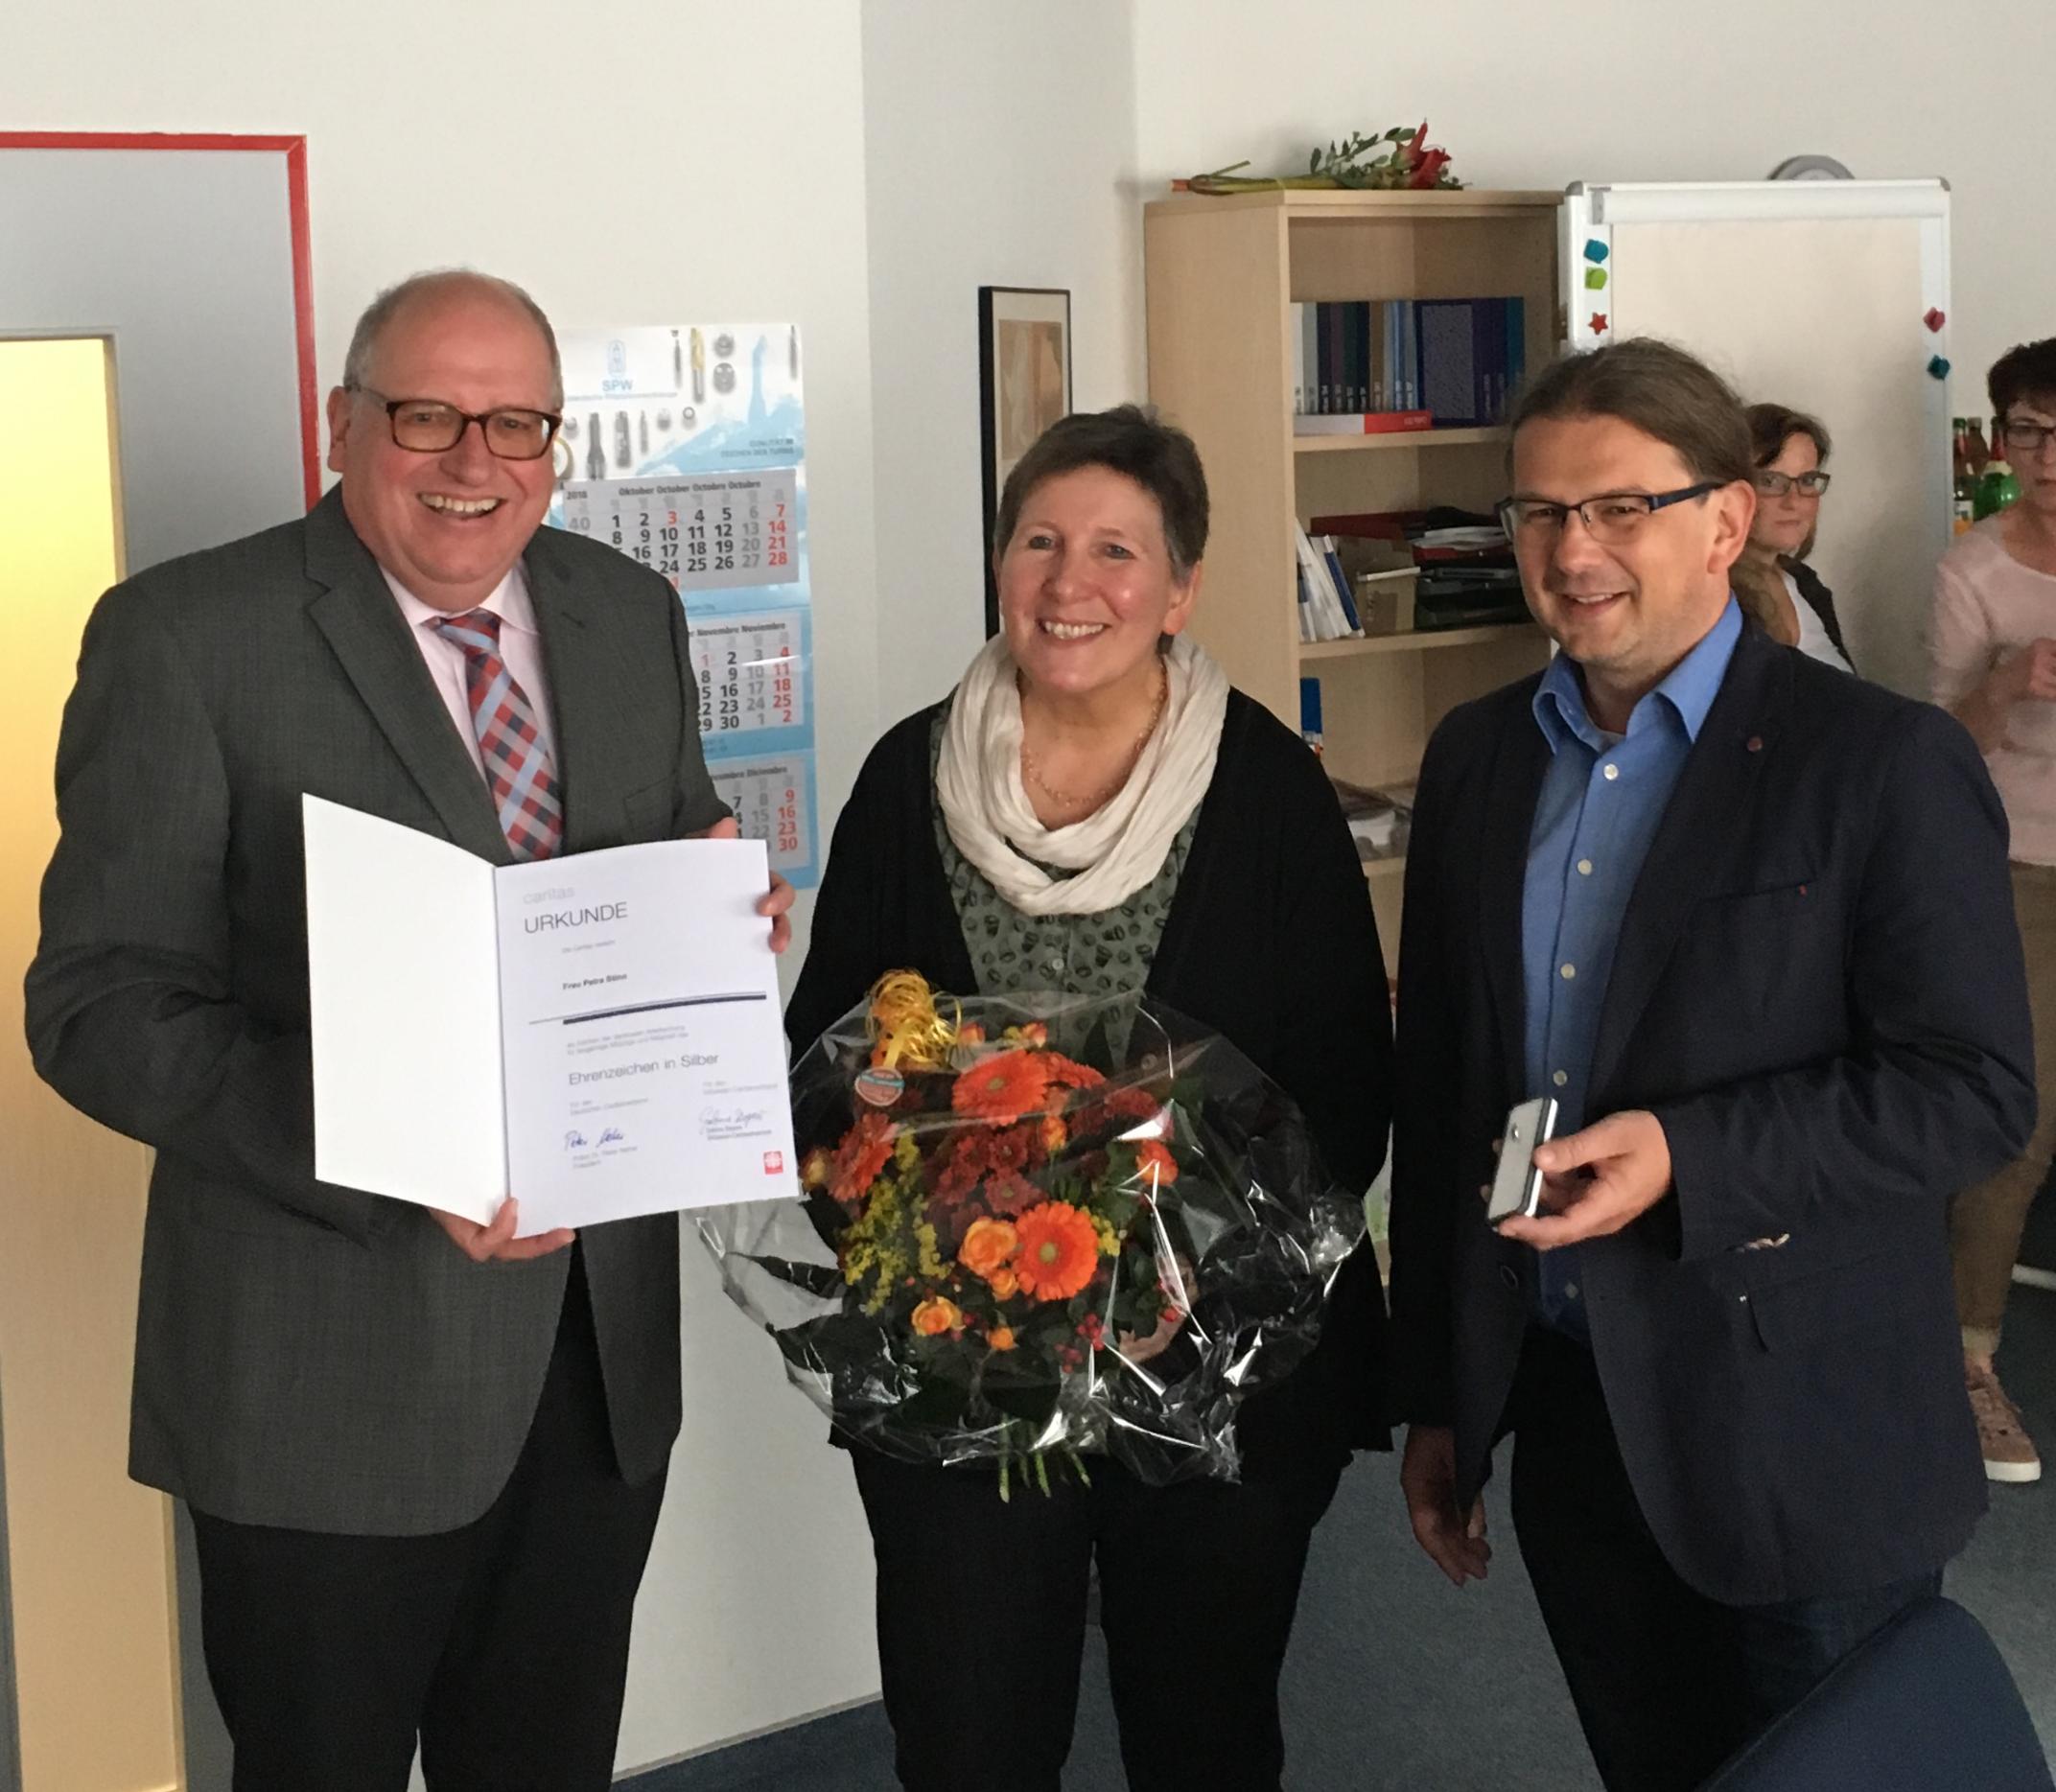 v.l.n.r.: Hans-Werner Wolff, Petra Stinn und Stefan Hesse. Foto: Wolff